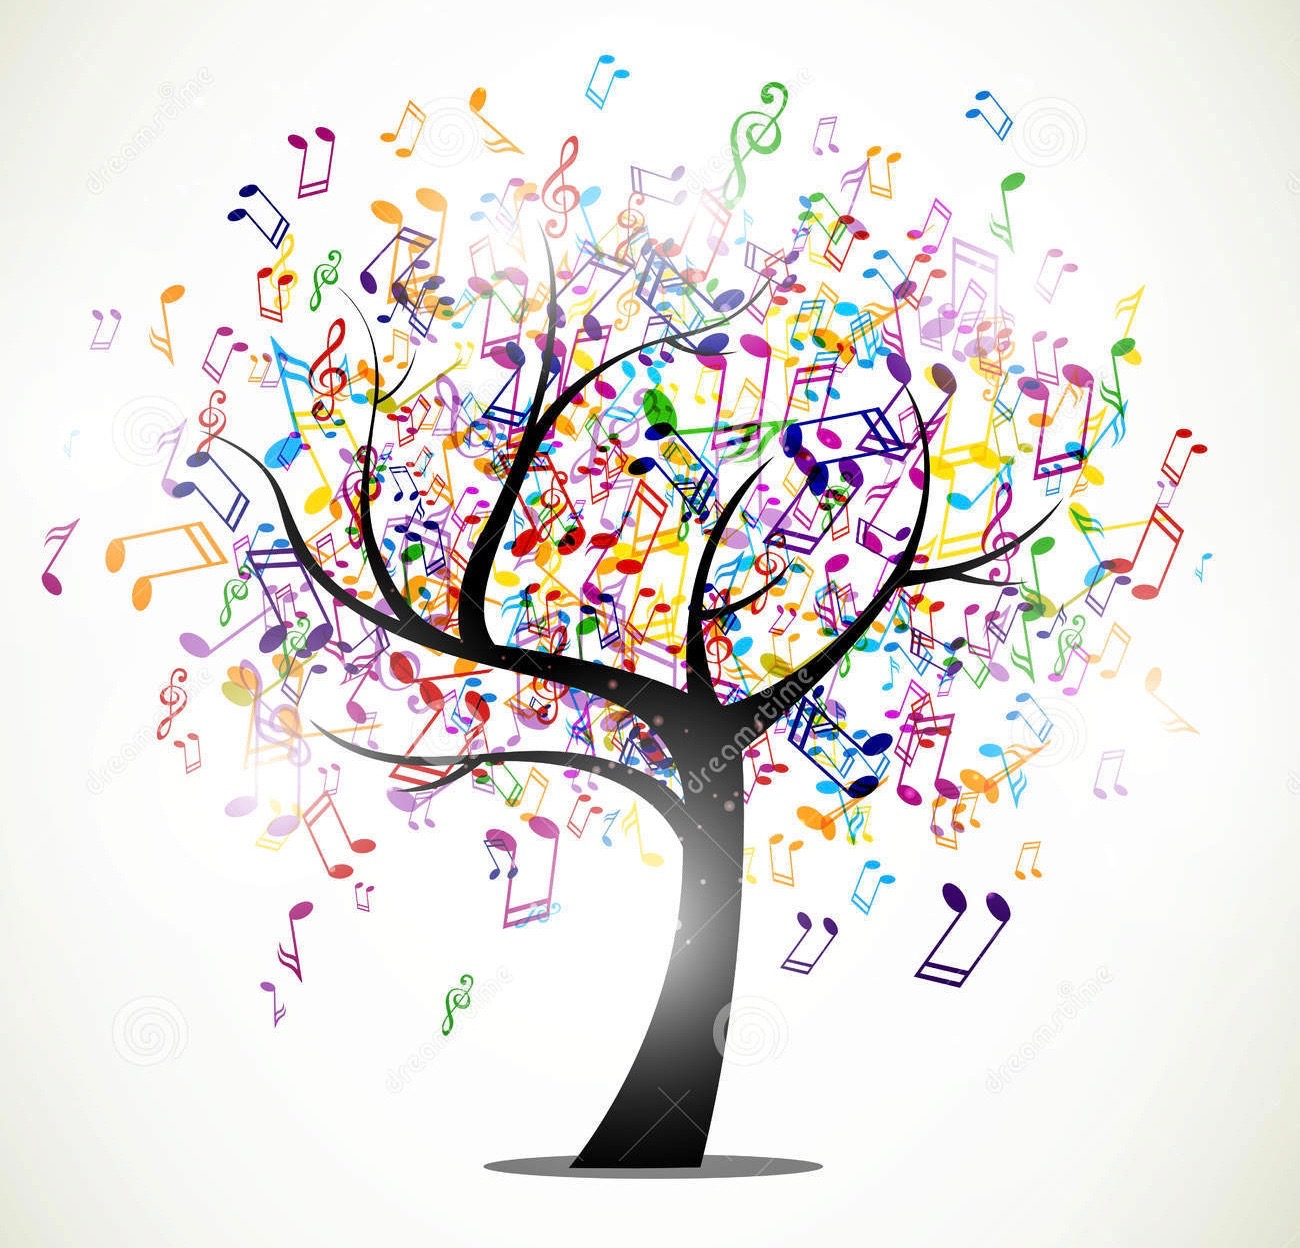 מהו טיפול במוזיקה